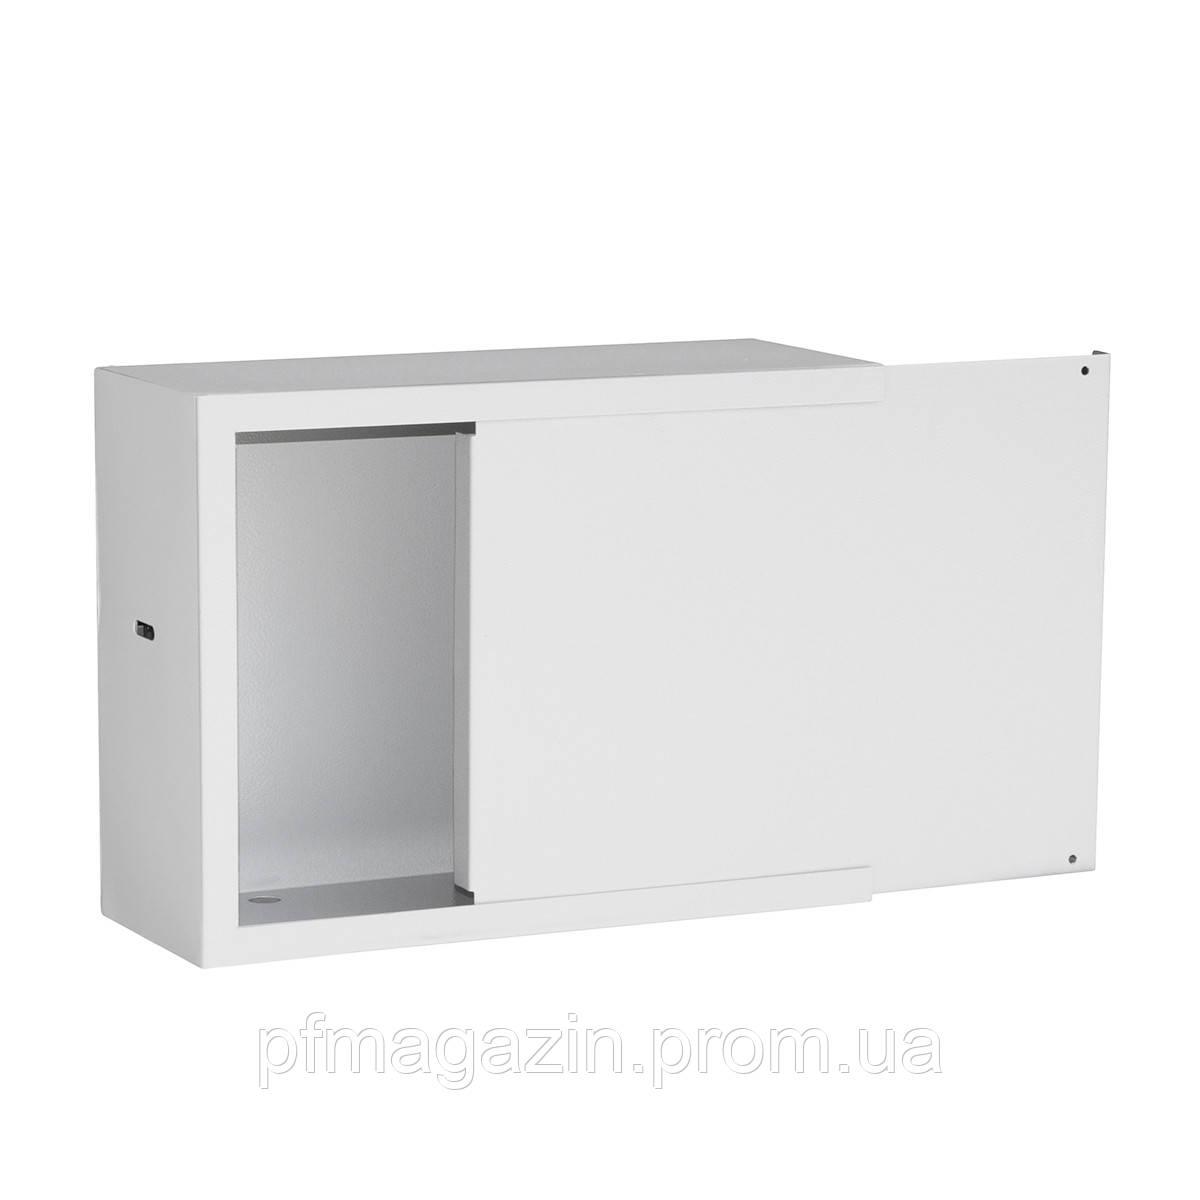 Антивандальный ящик БК-400-З-1 (ВхШхГ - 300х400х150)